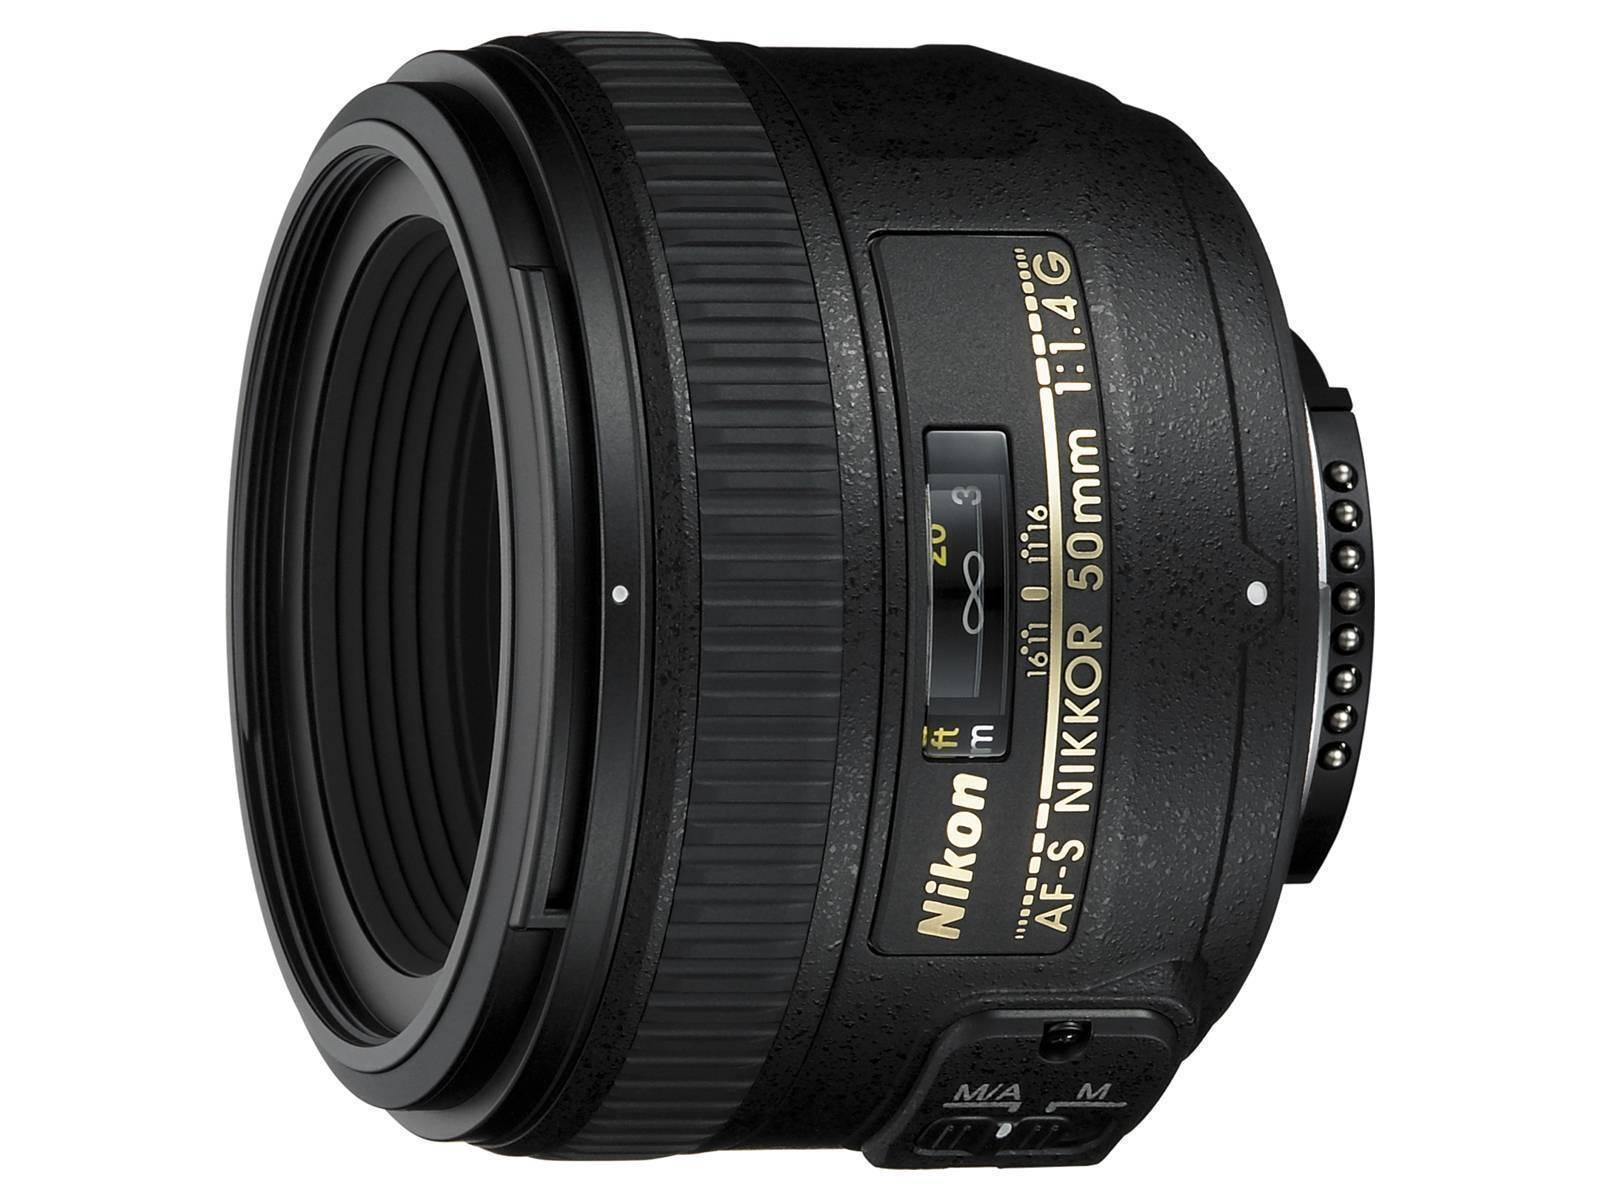 Nikon 50mm f/1.4G